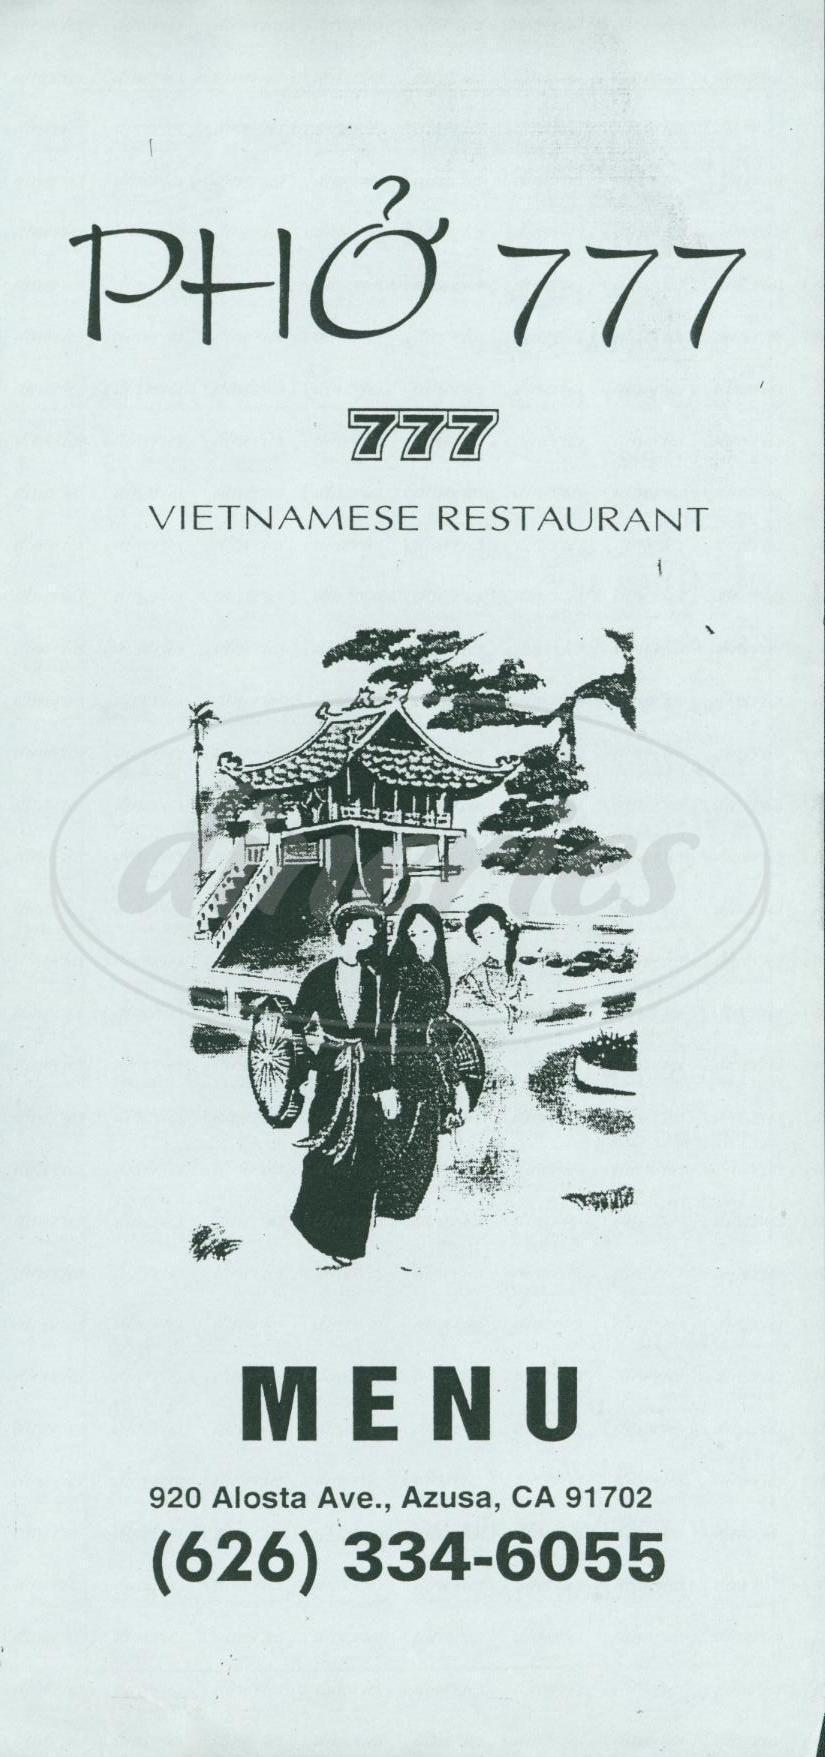 menu for Pho 777